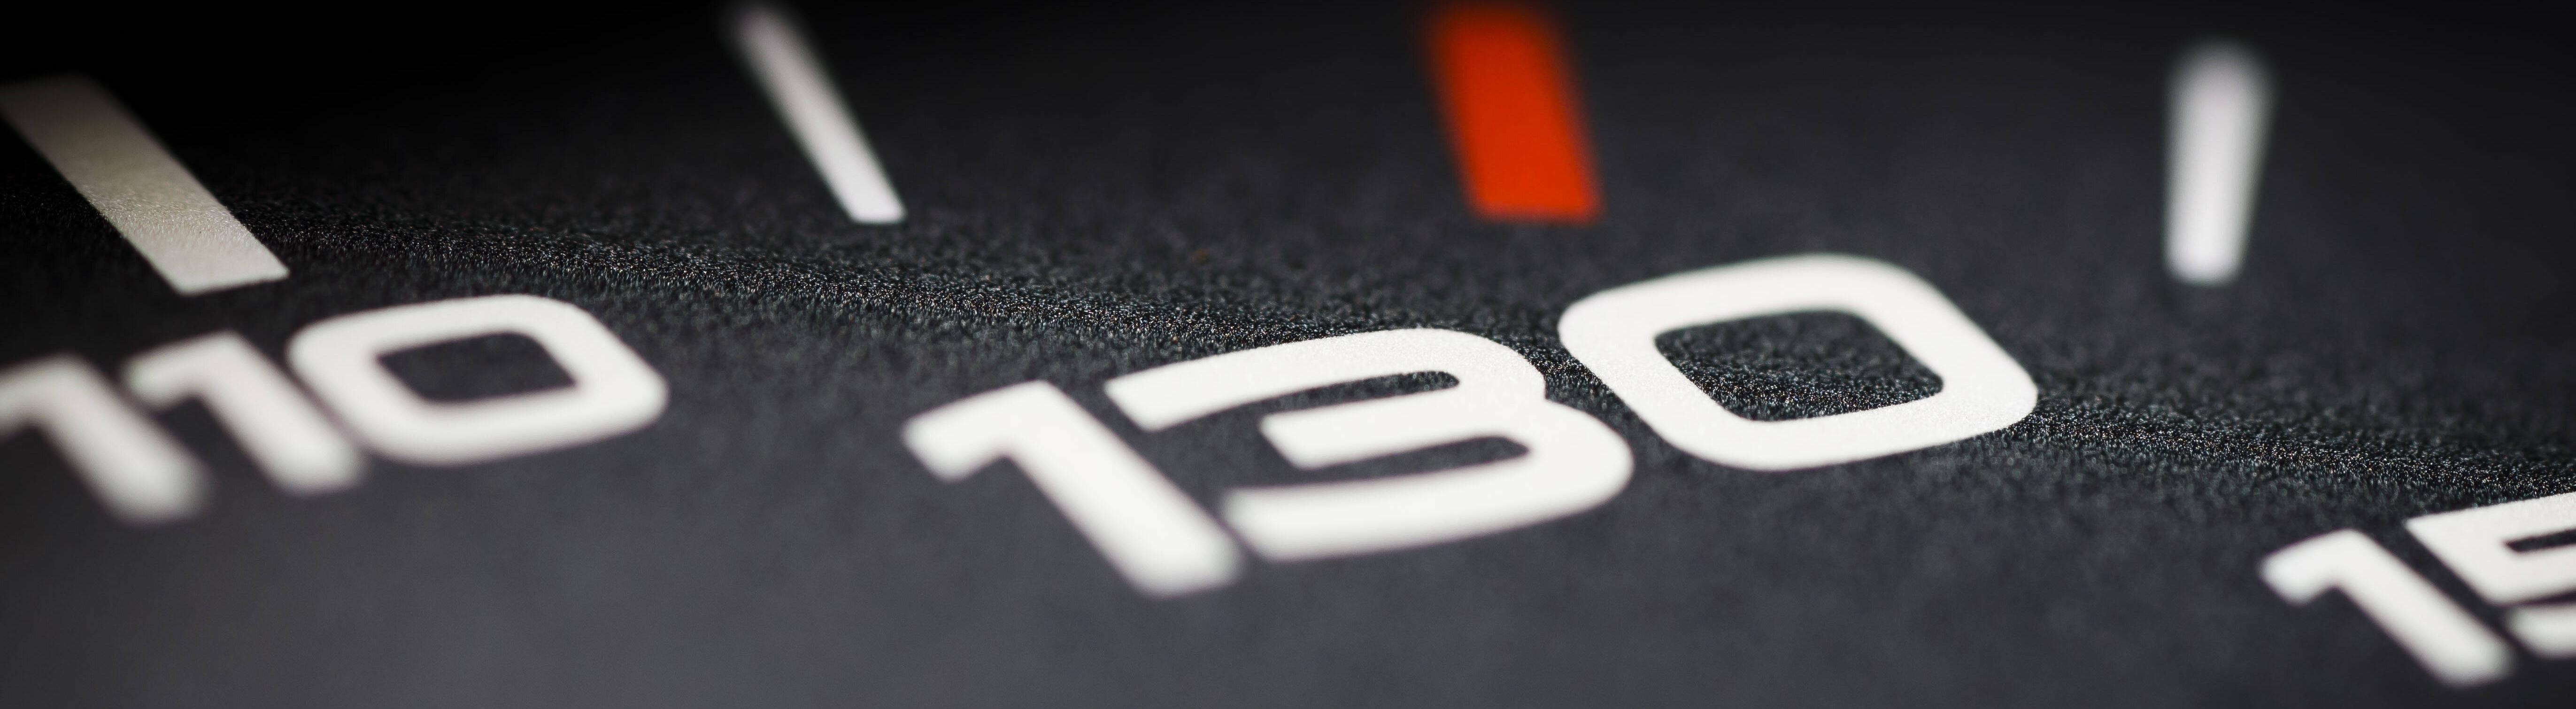 Symbolfoto zum Thema Tempolimit 130 km/h. Eine Tachonadel ist auf einem Tacho neben der Anzeige fâˆöºr 130 Stundenkilometer zu sehen.